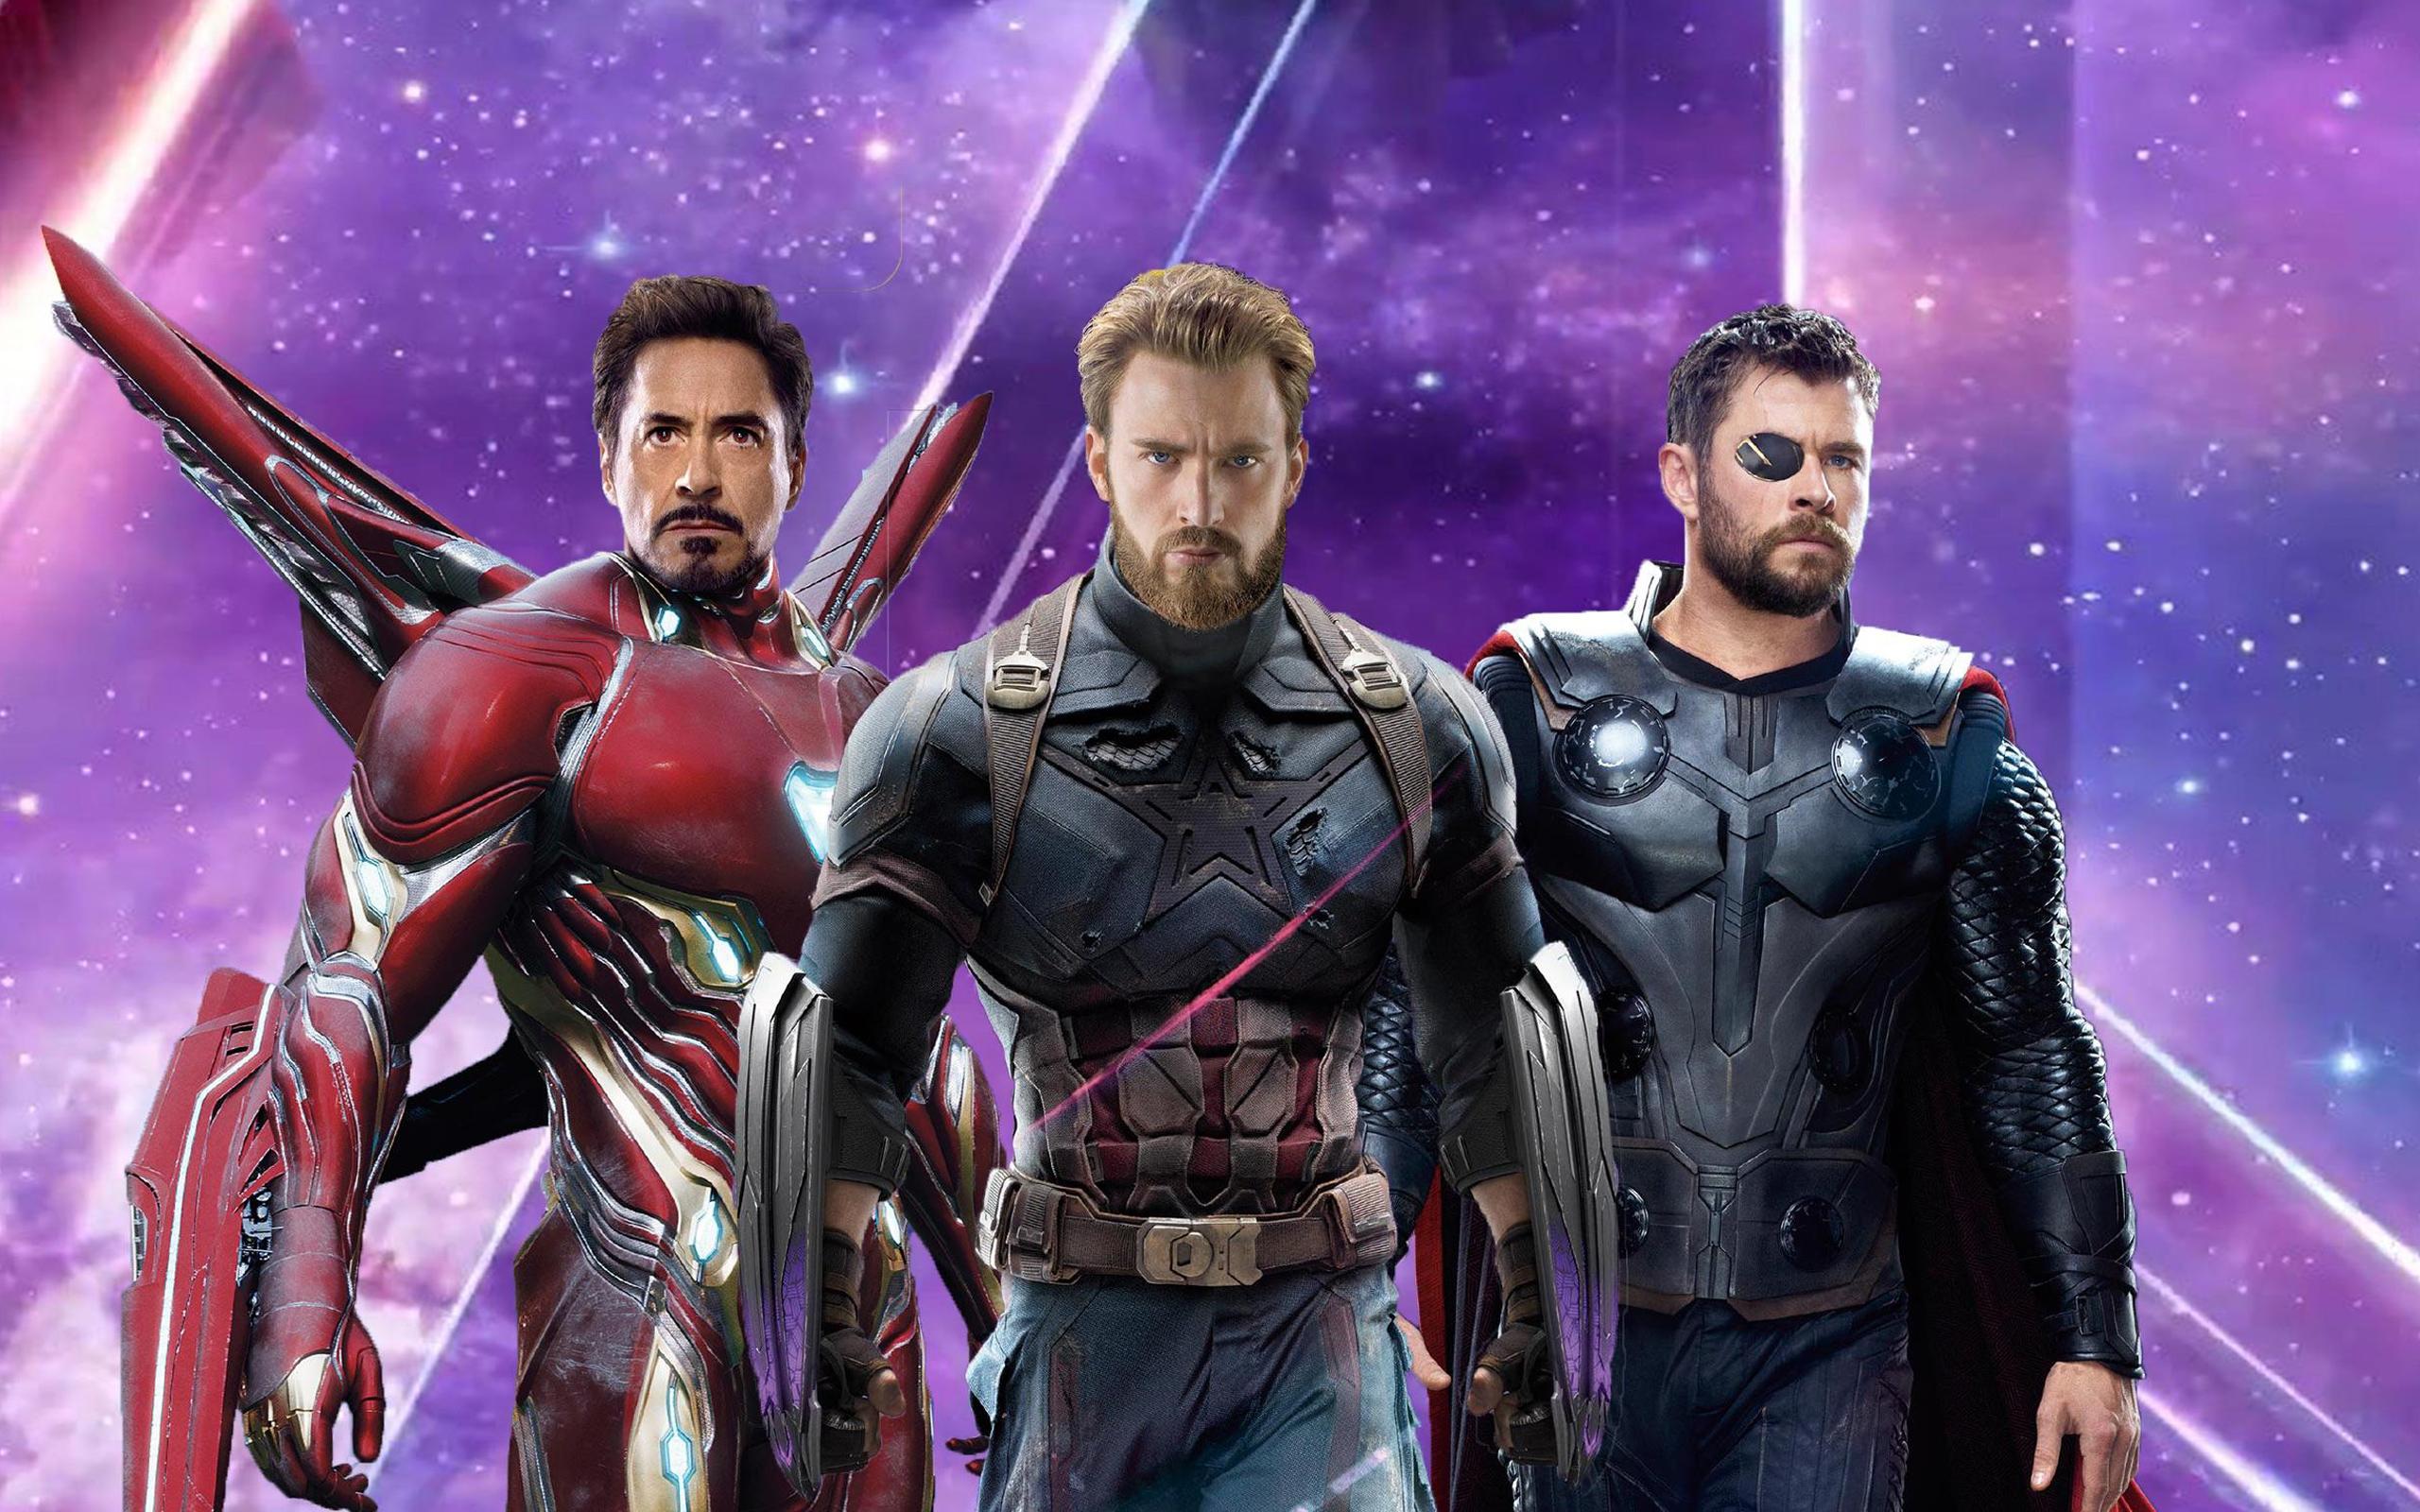 Số phận của 3 siêu anh hùng đời đầu vẫn còn bỏ ngỏ.